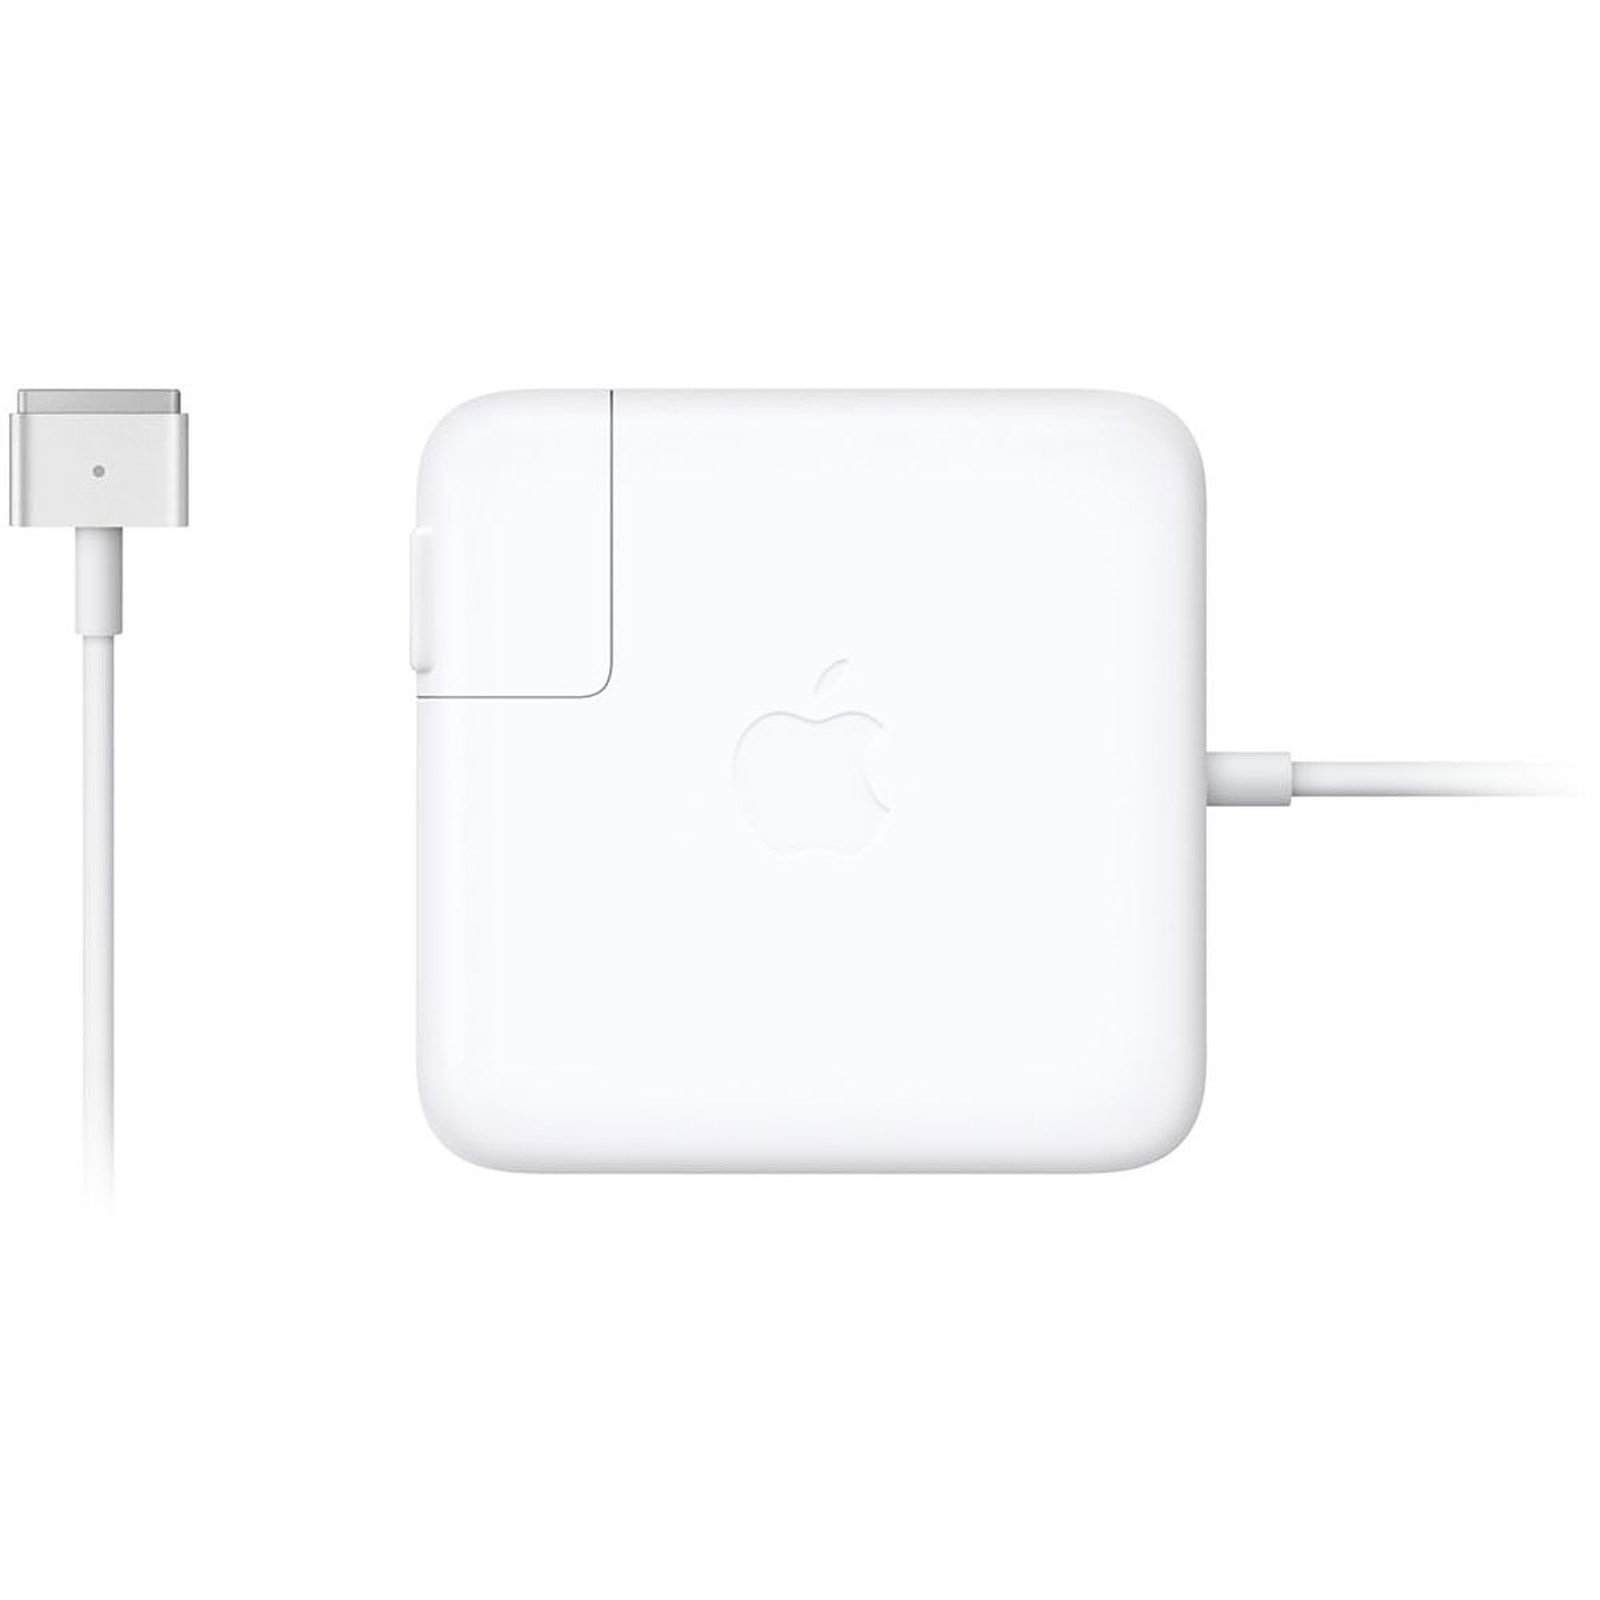 Apple Adaptateur secteur MagSafe 2 de 60 W